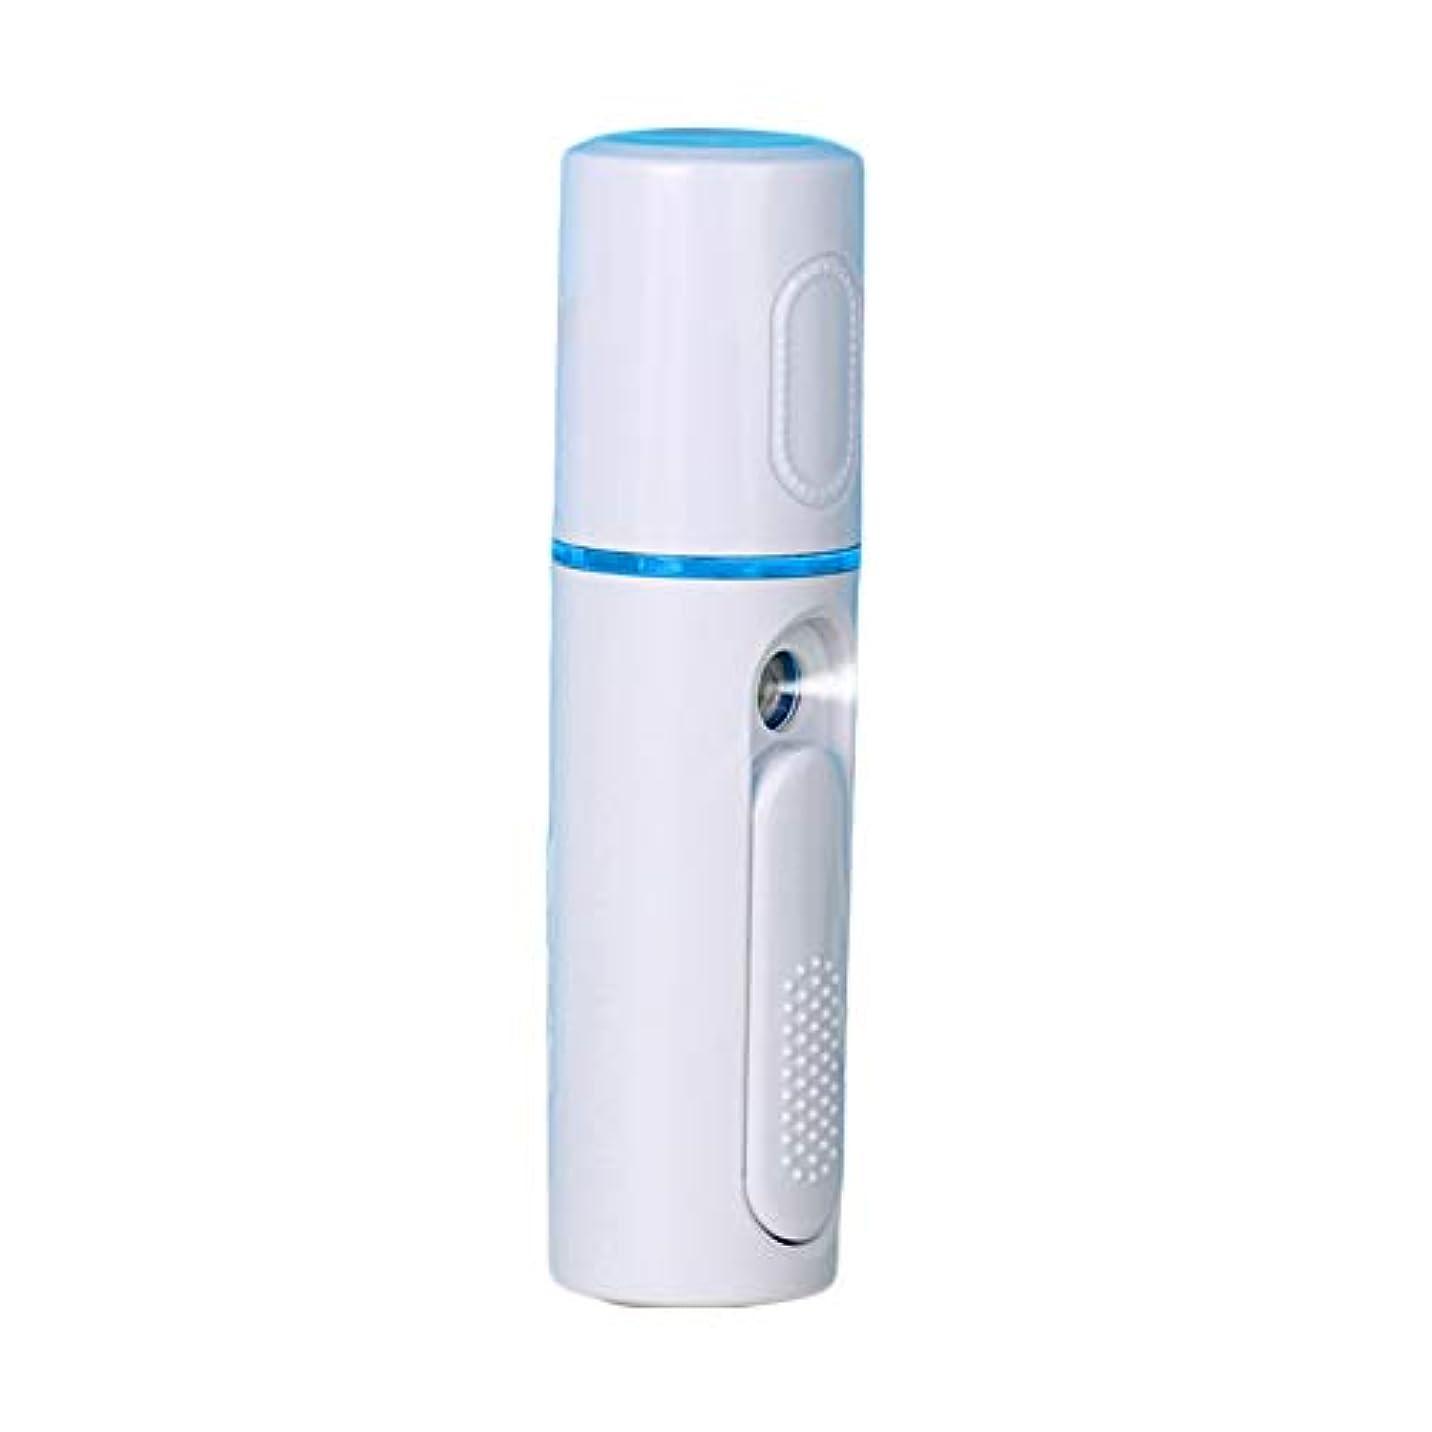 塩ひいきにする難民美顔器 噴霧式 ミニ携帯 ハンディ 美顔スプレー保湿 美白顔用加湿器 フェイススチーマー 補水美容器 小型 ナノミスト USB